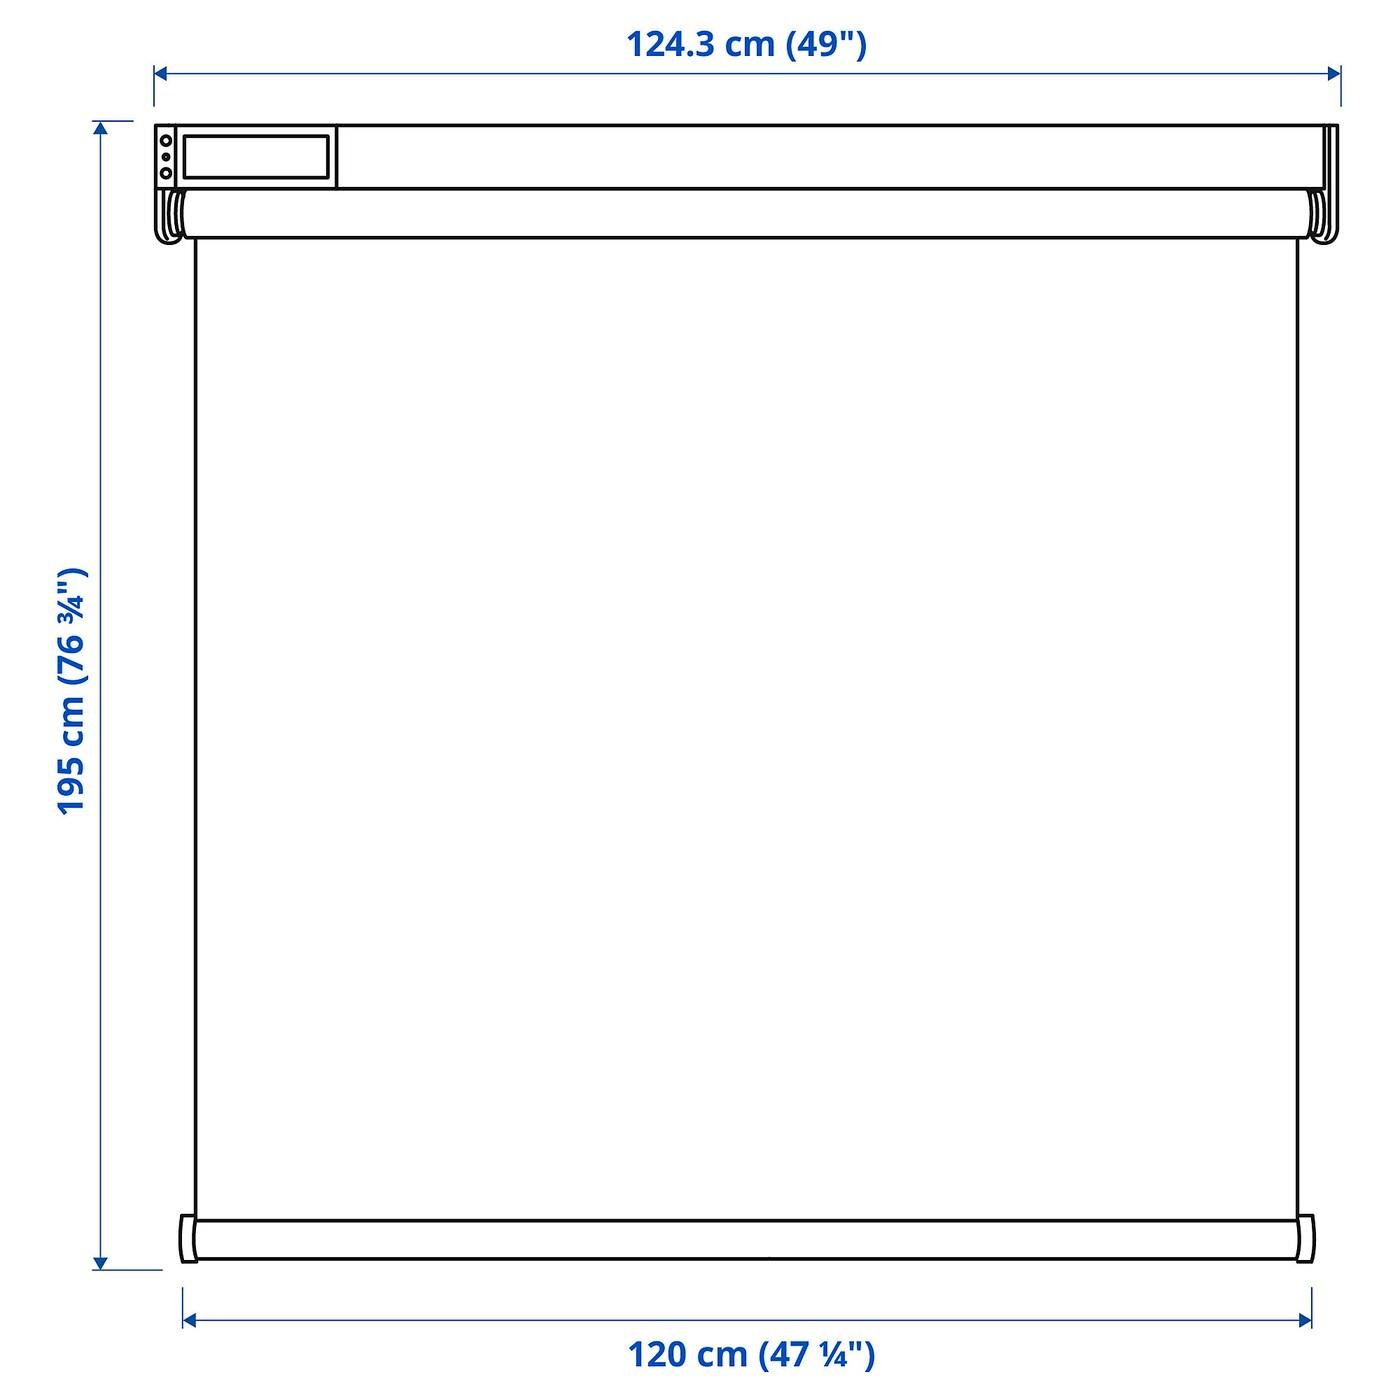 Tenda rullo su misura qualità elegante: Fyrtur Tenda A Rullo Oscurante Wireless A Batterie Grigio 120x195 Cm Ikea It